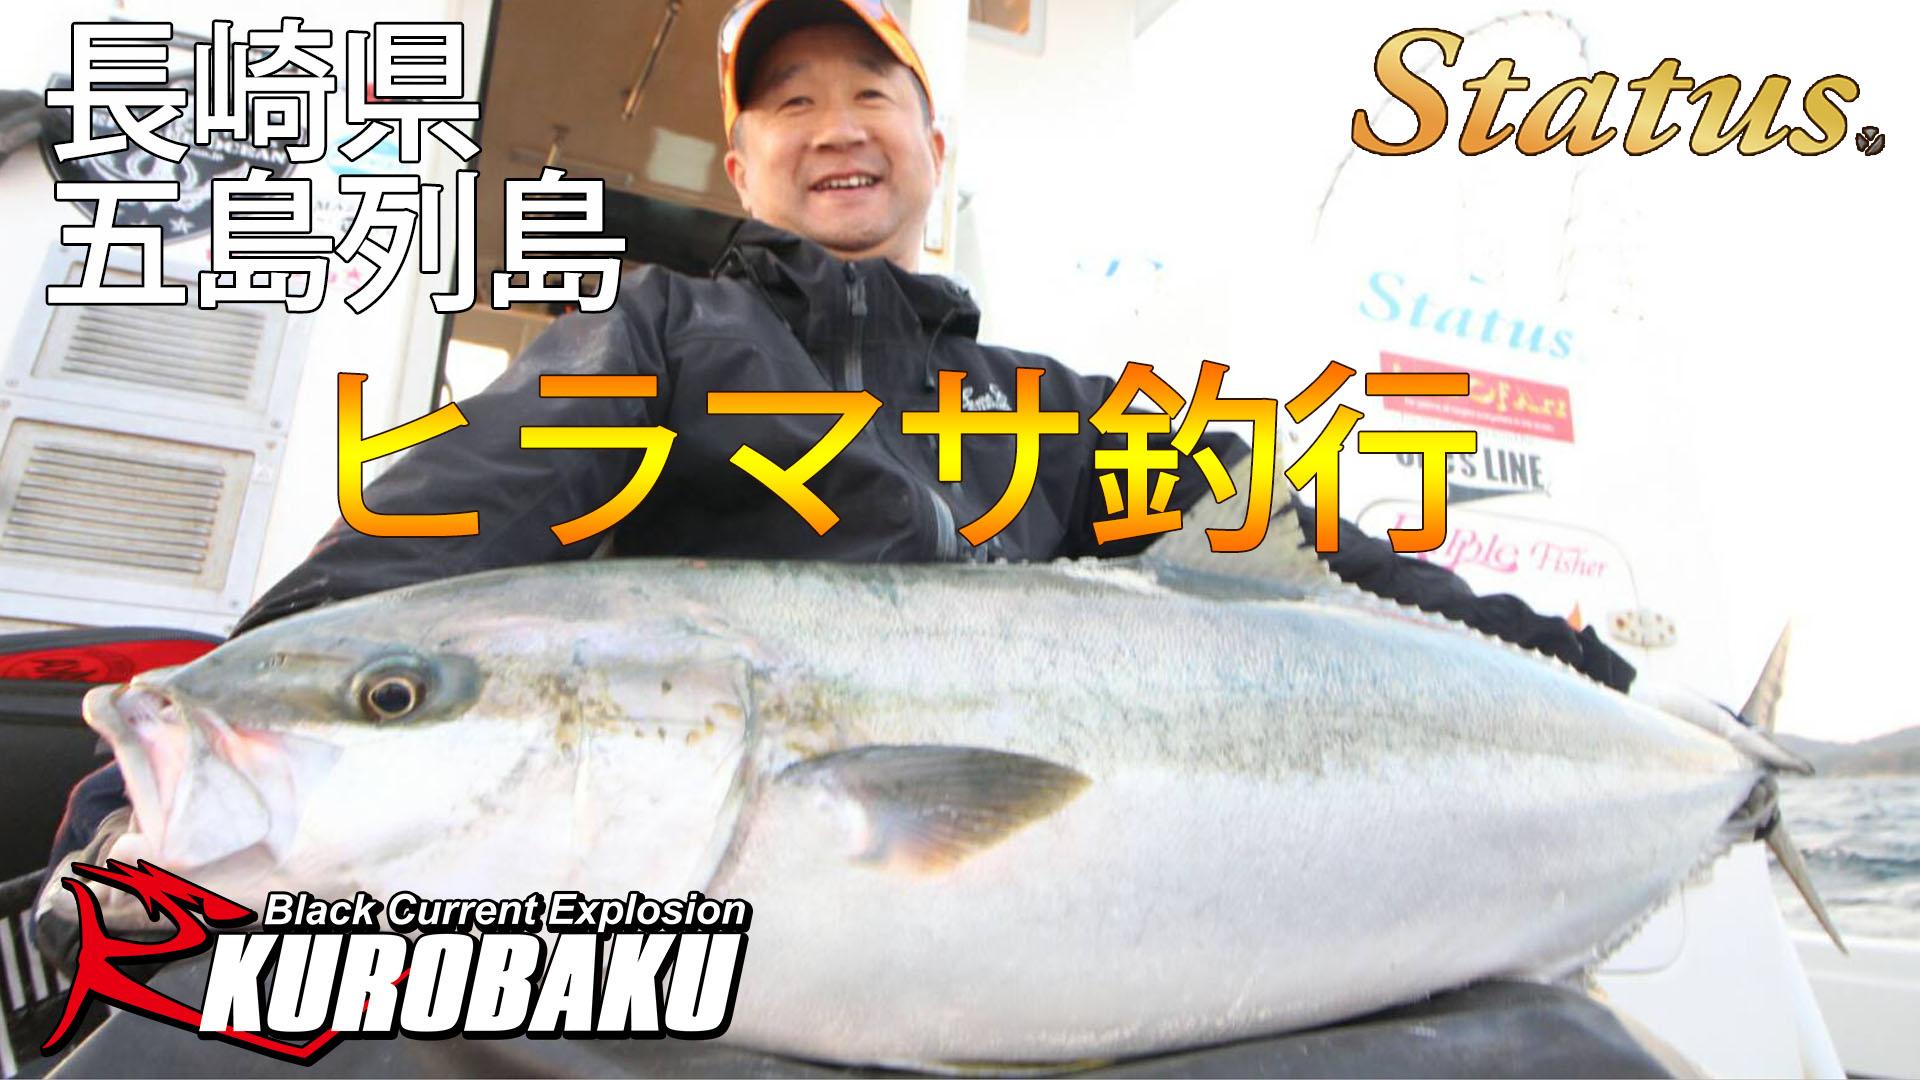 ステータス釣行のサムネイル